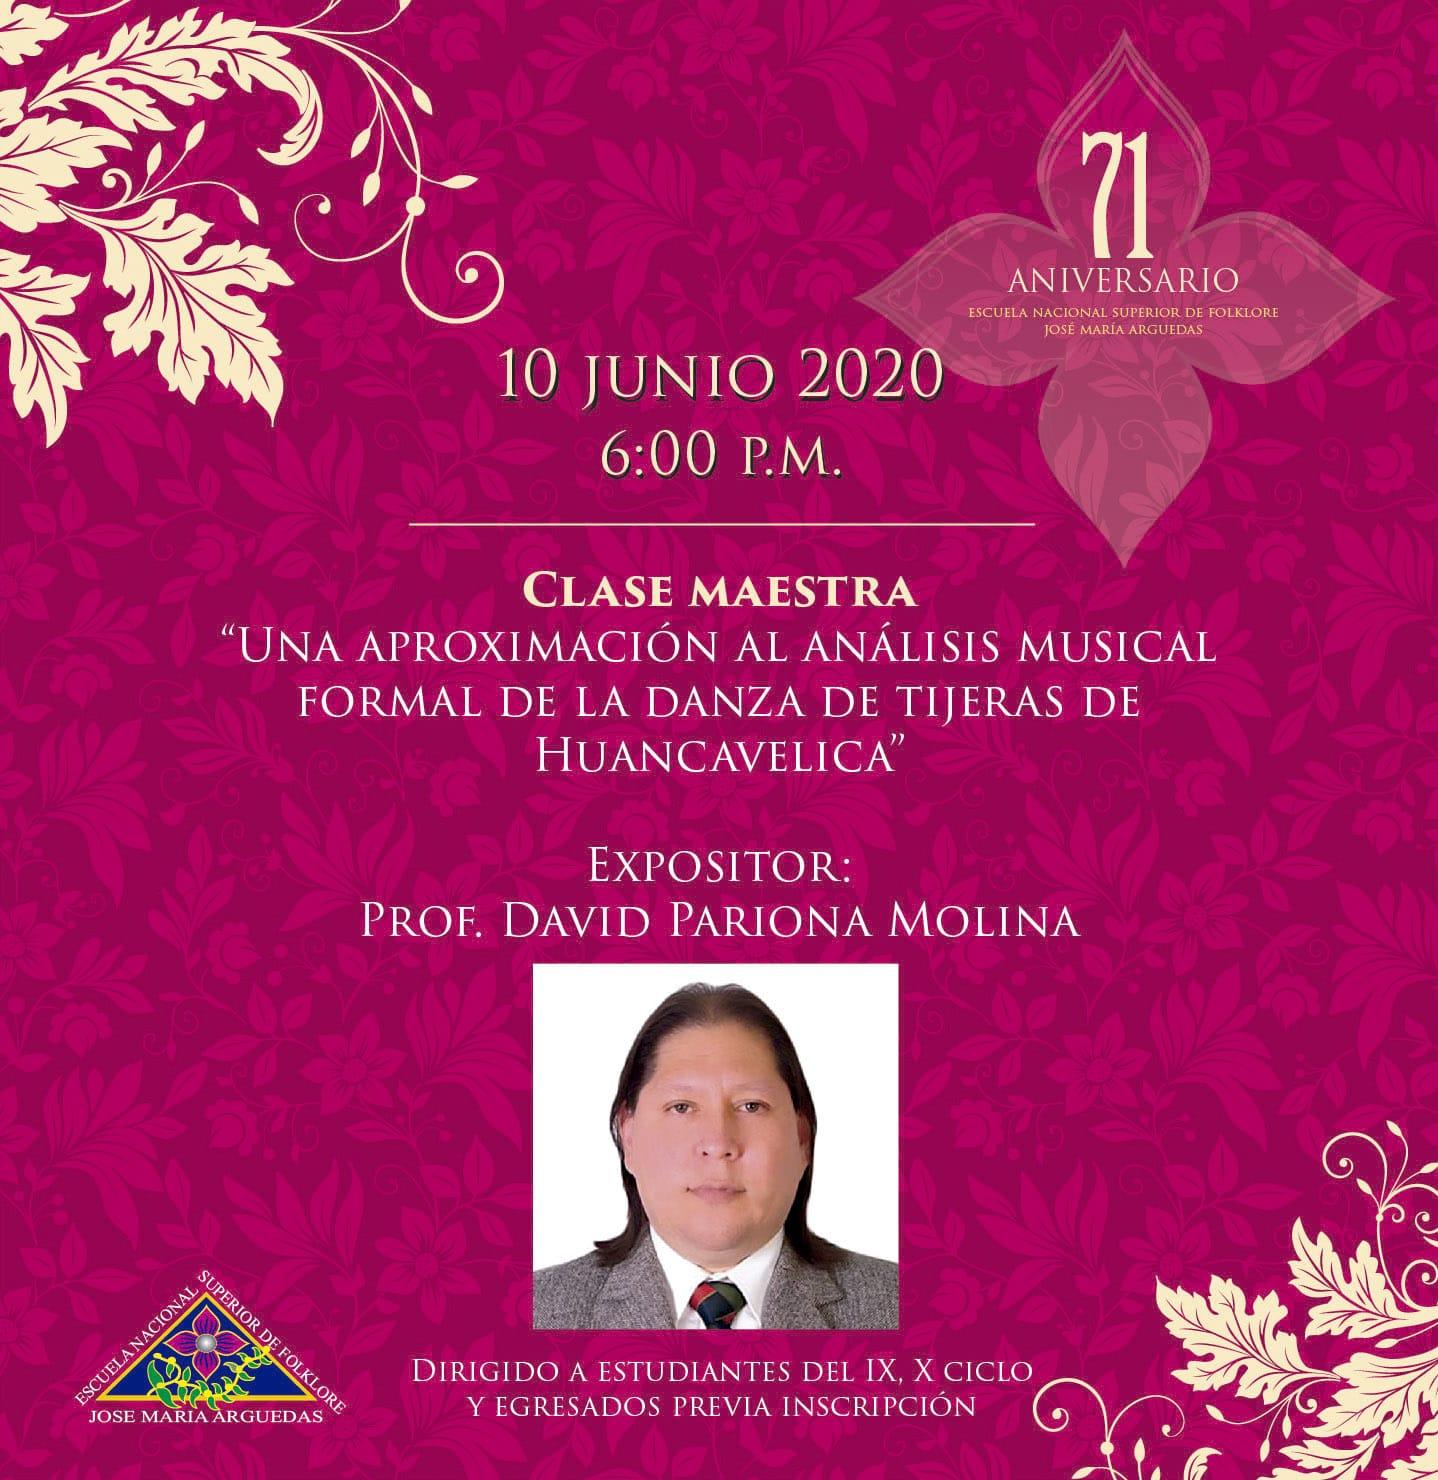 CLASE MAESTRA, Una aproximación al análisis musical formal de la danza de tijeras de Huancavelica